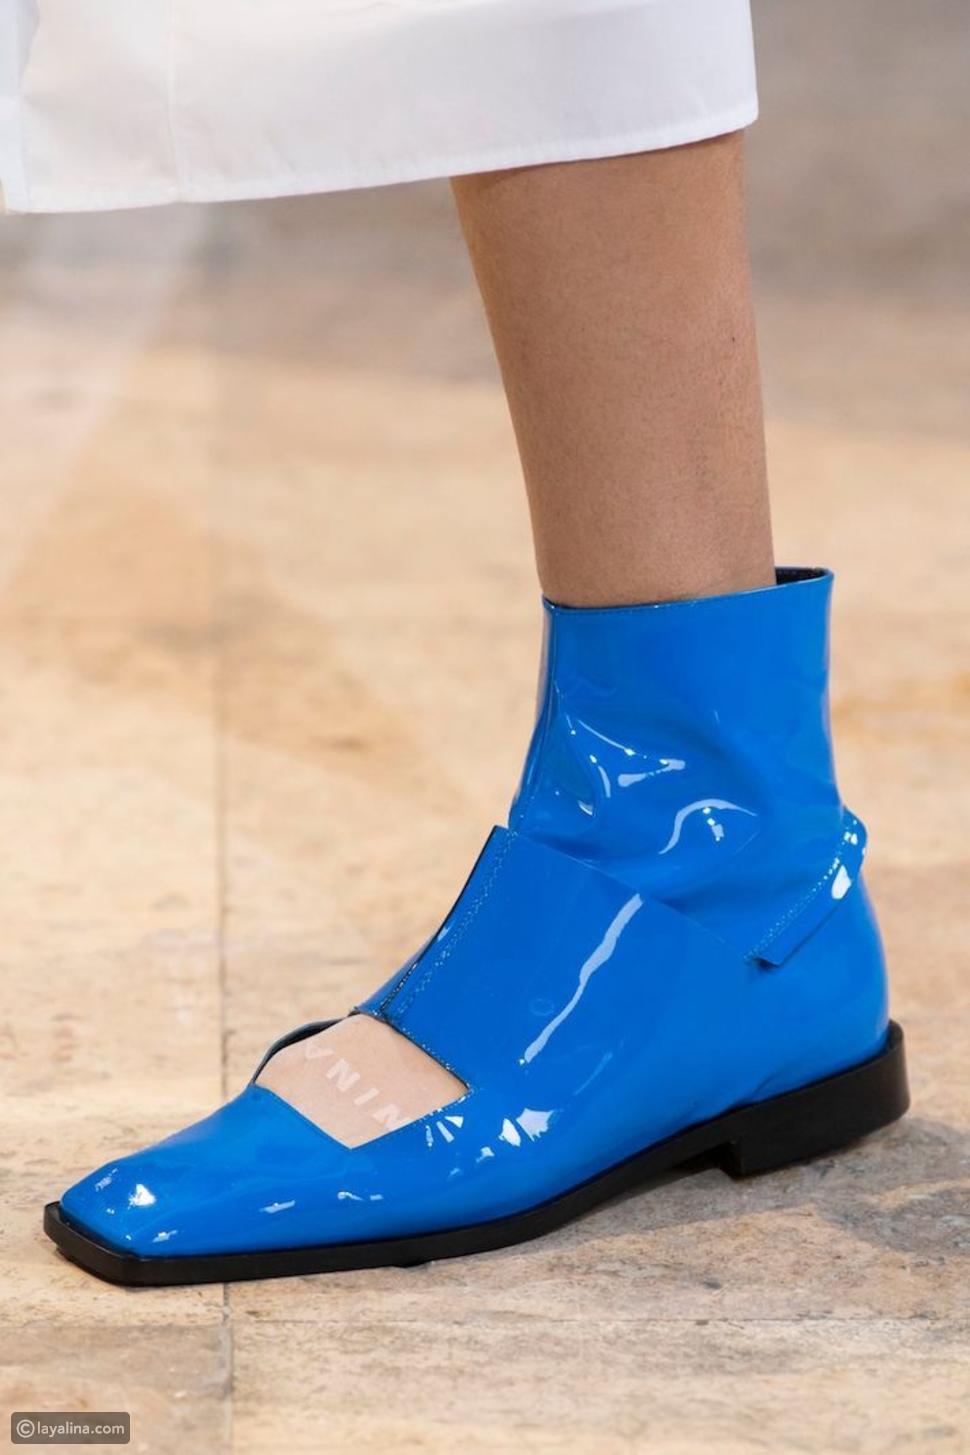 ألوان زاهية في عرض أزياء نينا ريتشي